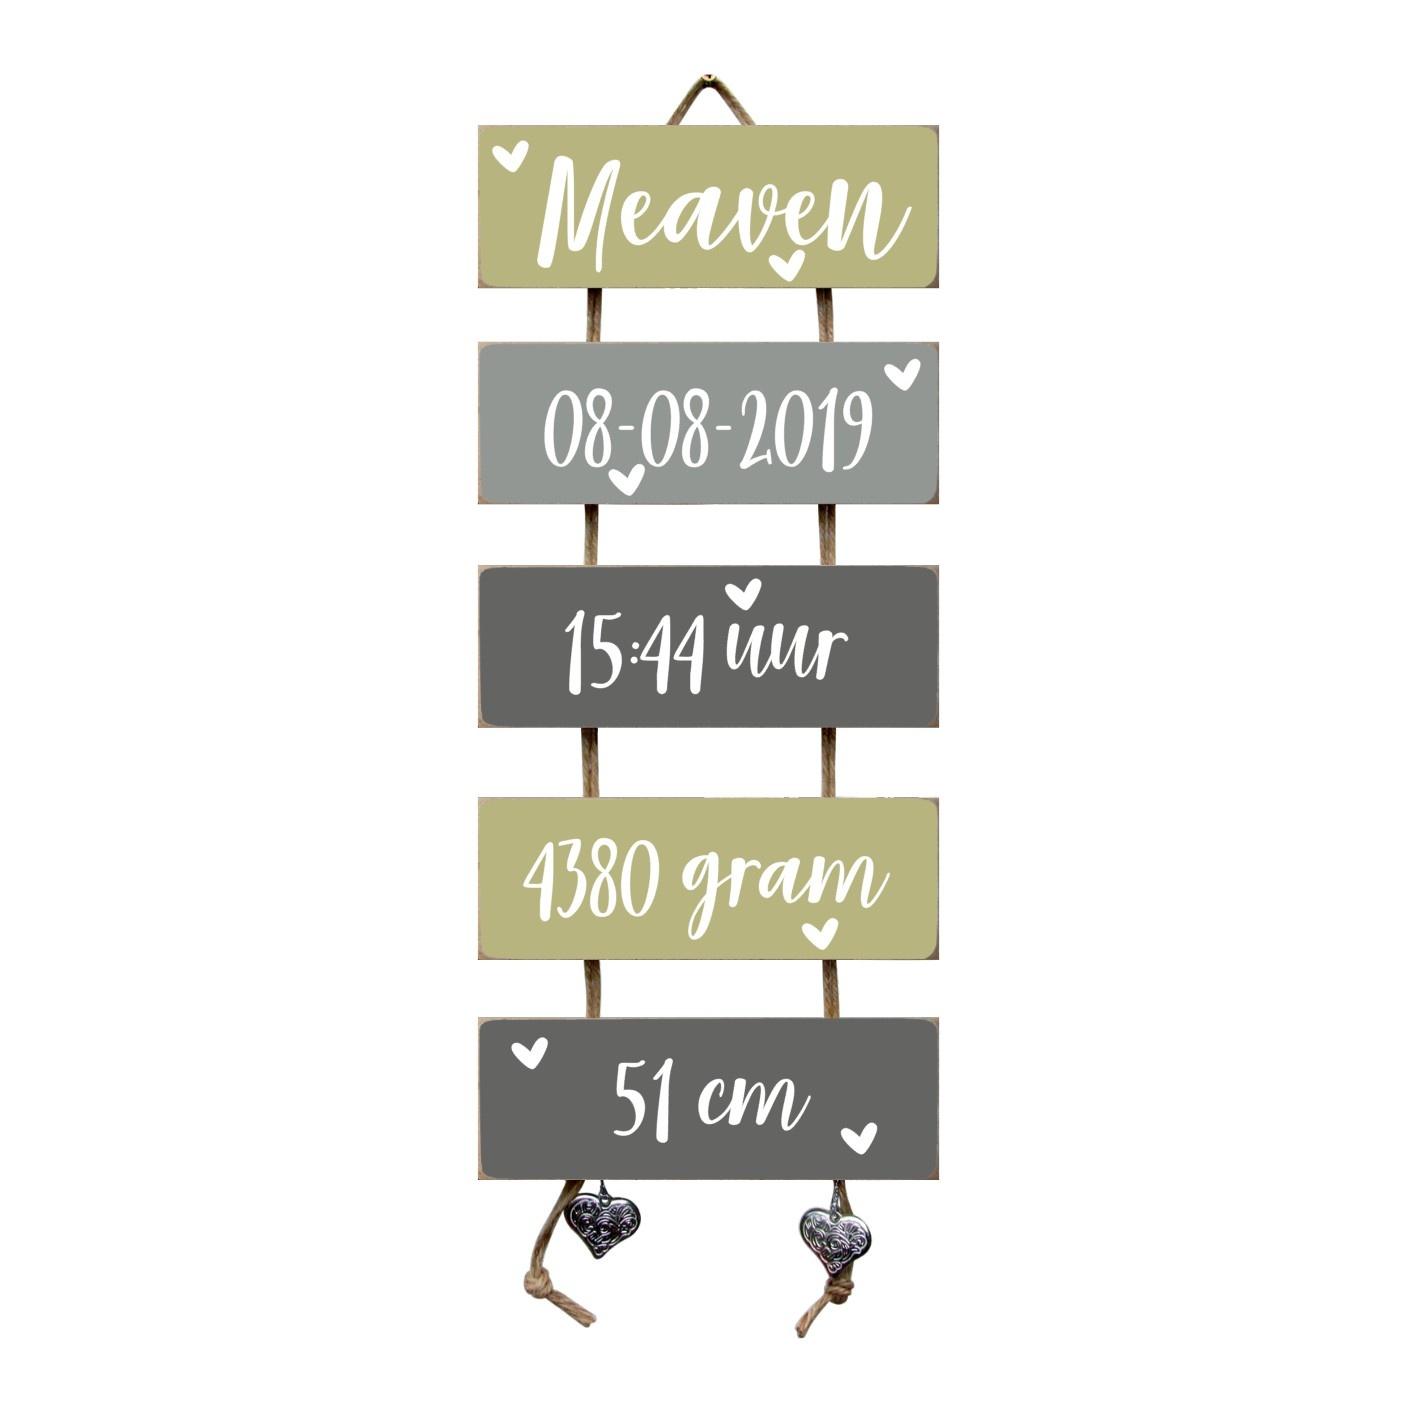 Kraamcadeau Geboorteladder Meaven Olive Tree/grijs